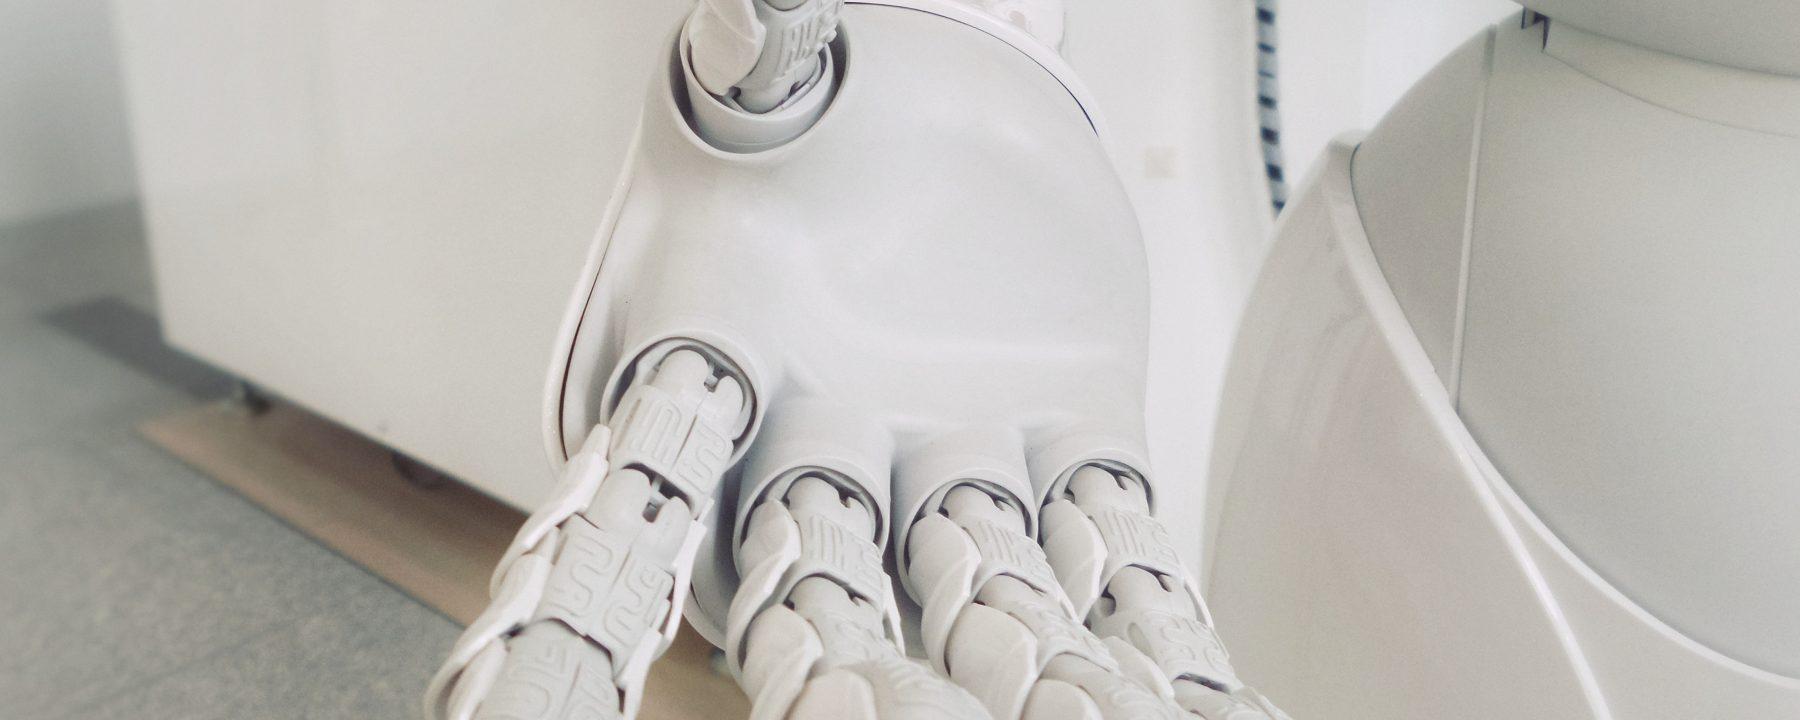 emotional data følelser robotter Innovation Lab